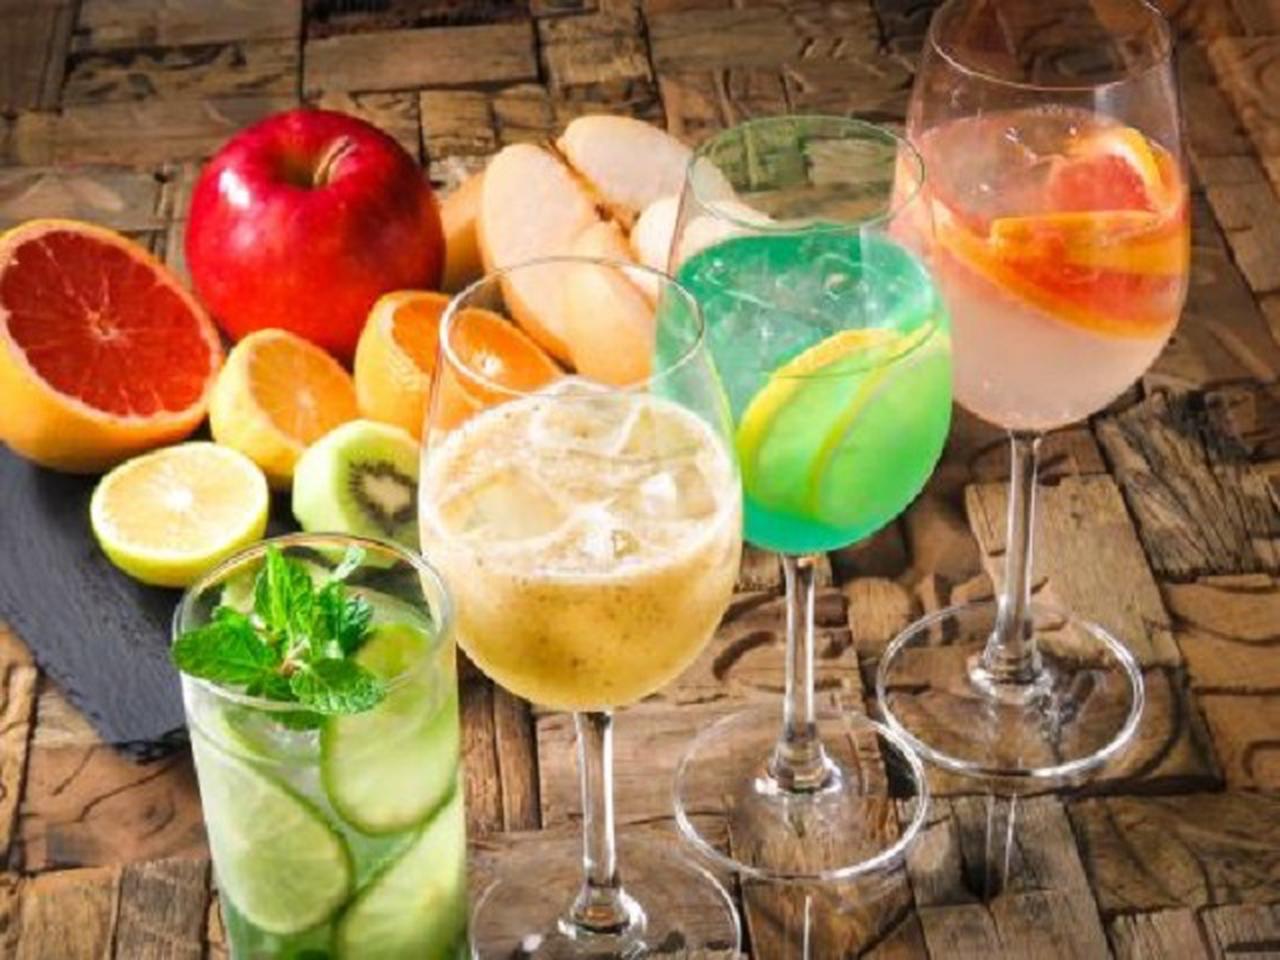 画像: スペイン産樽生ビールや自家製サングリア、カクテル、ワイン、シェリー、モヒートなどドリンクも豊富